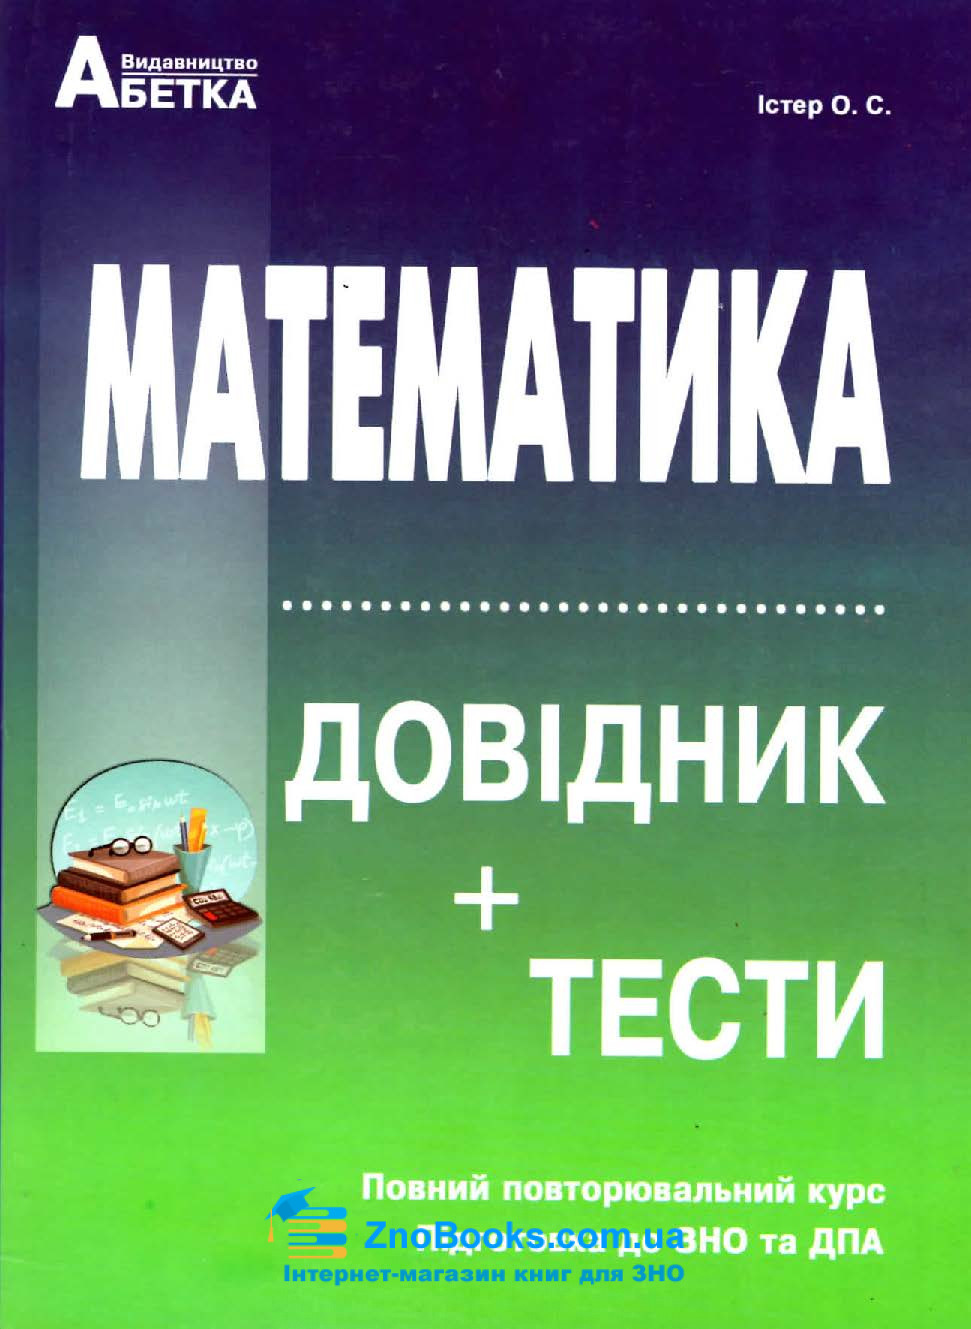 Математика ЗНО 2020. Довідник + тести. Істер О. Вид-во: Абетка. купити 0